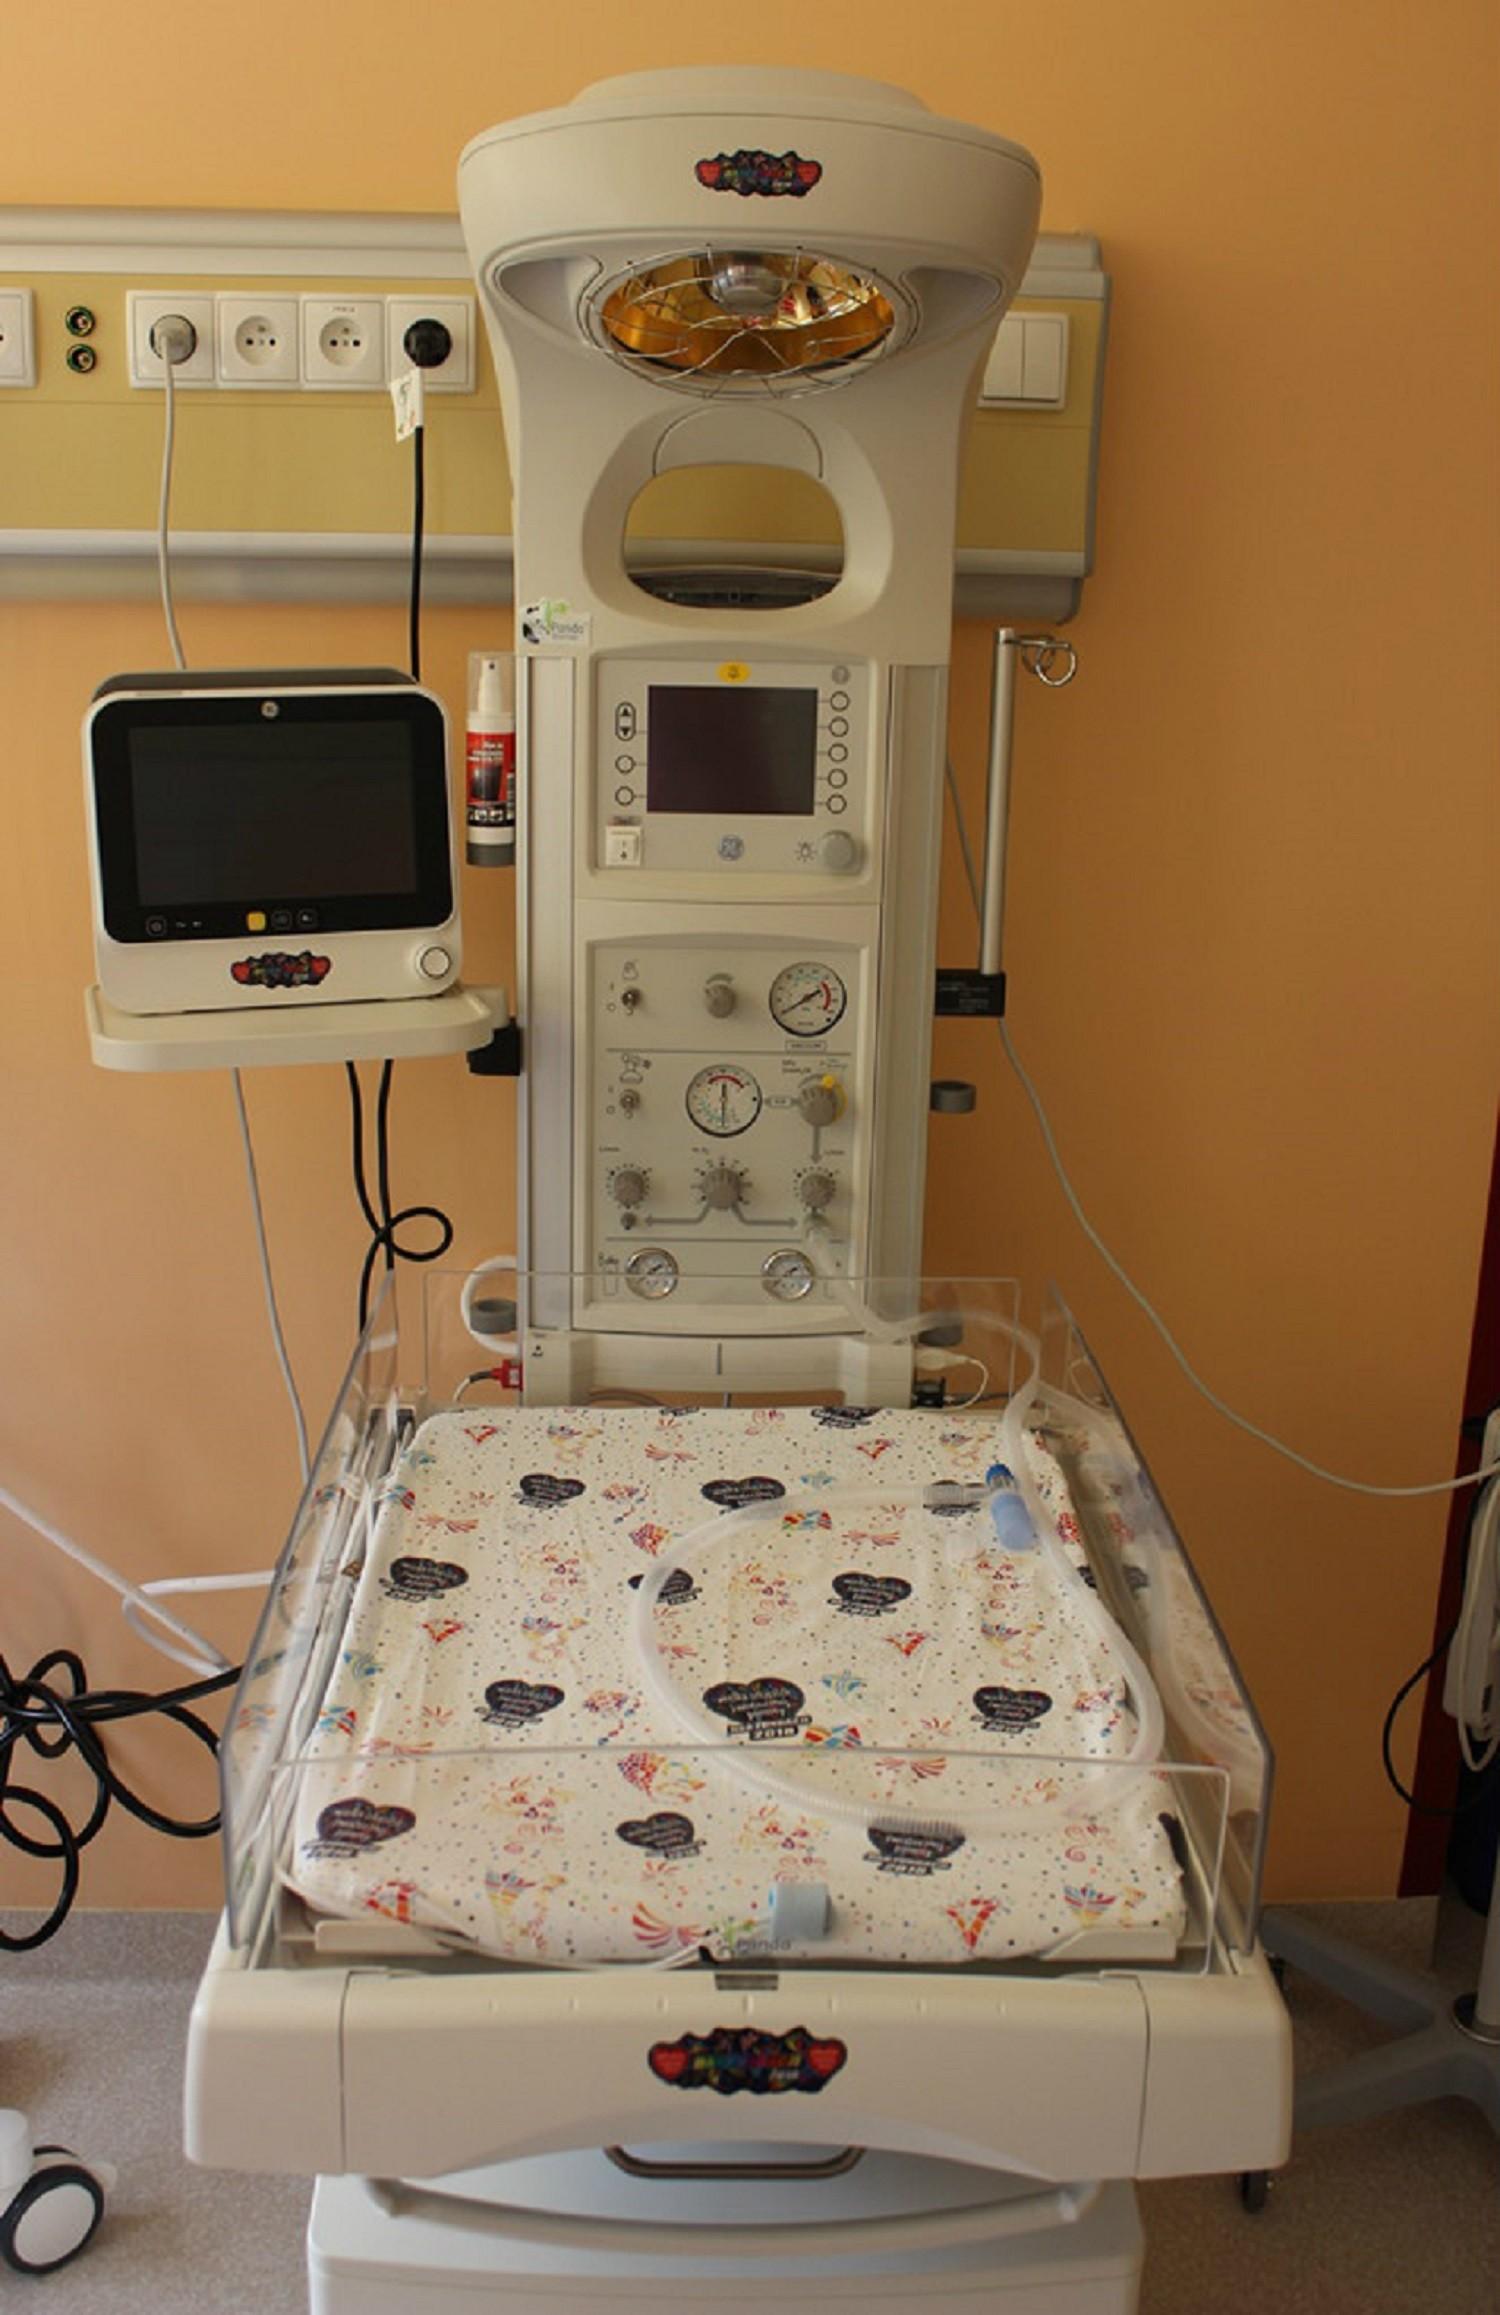 Oddział Noworodkowy i Patologii Noworodka Szpitala Powiatowego w Limanowej otrzymał nowoczesne stanowisko do resuscytacji PANDA WARMER wraz z kardiomonitorem oraz nawilżaczem